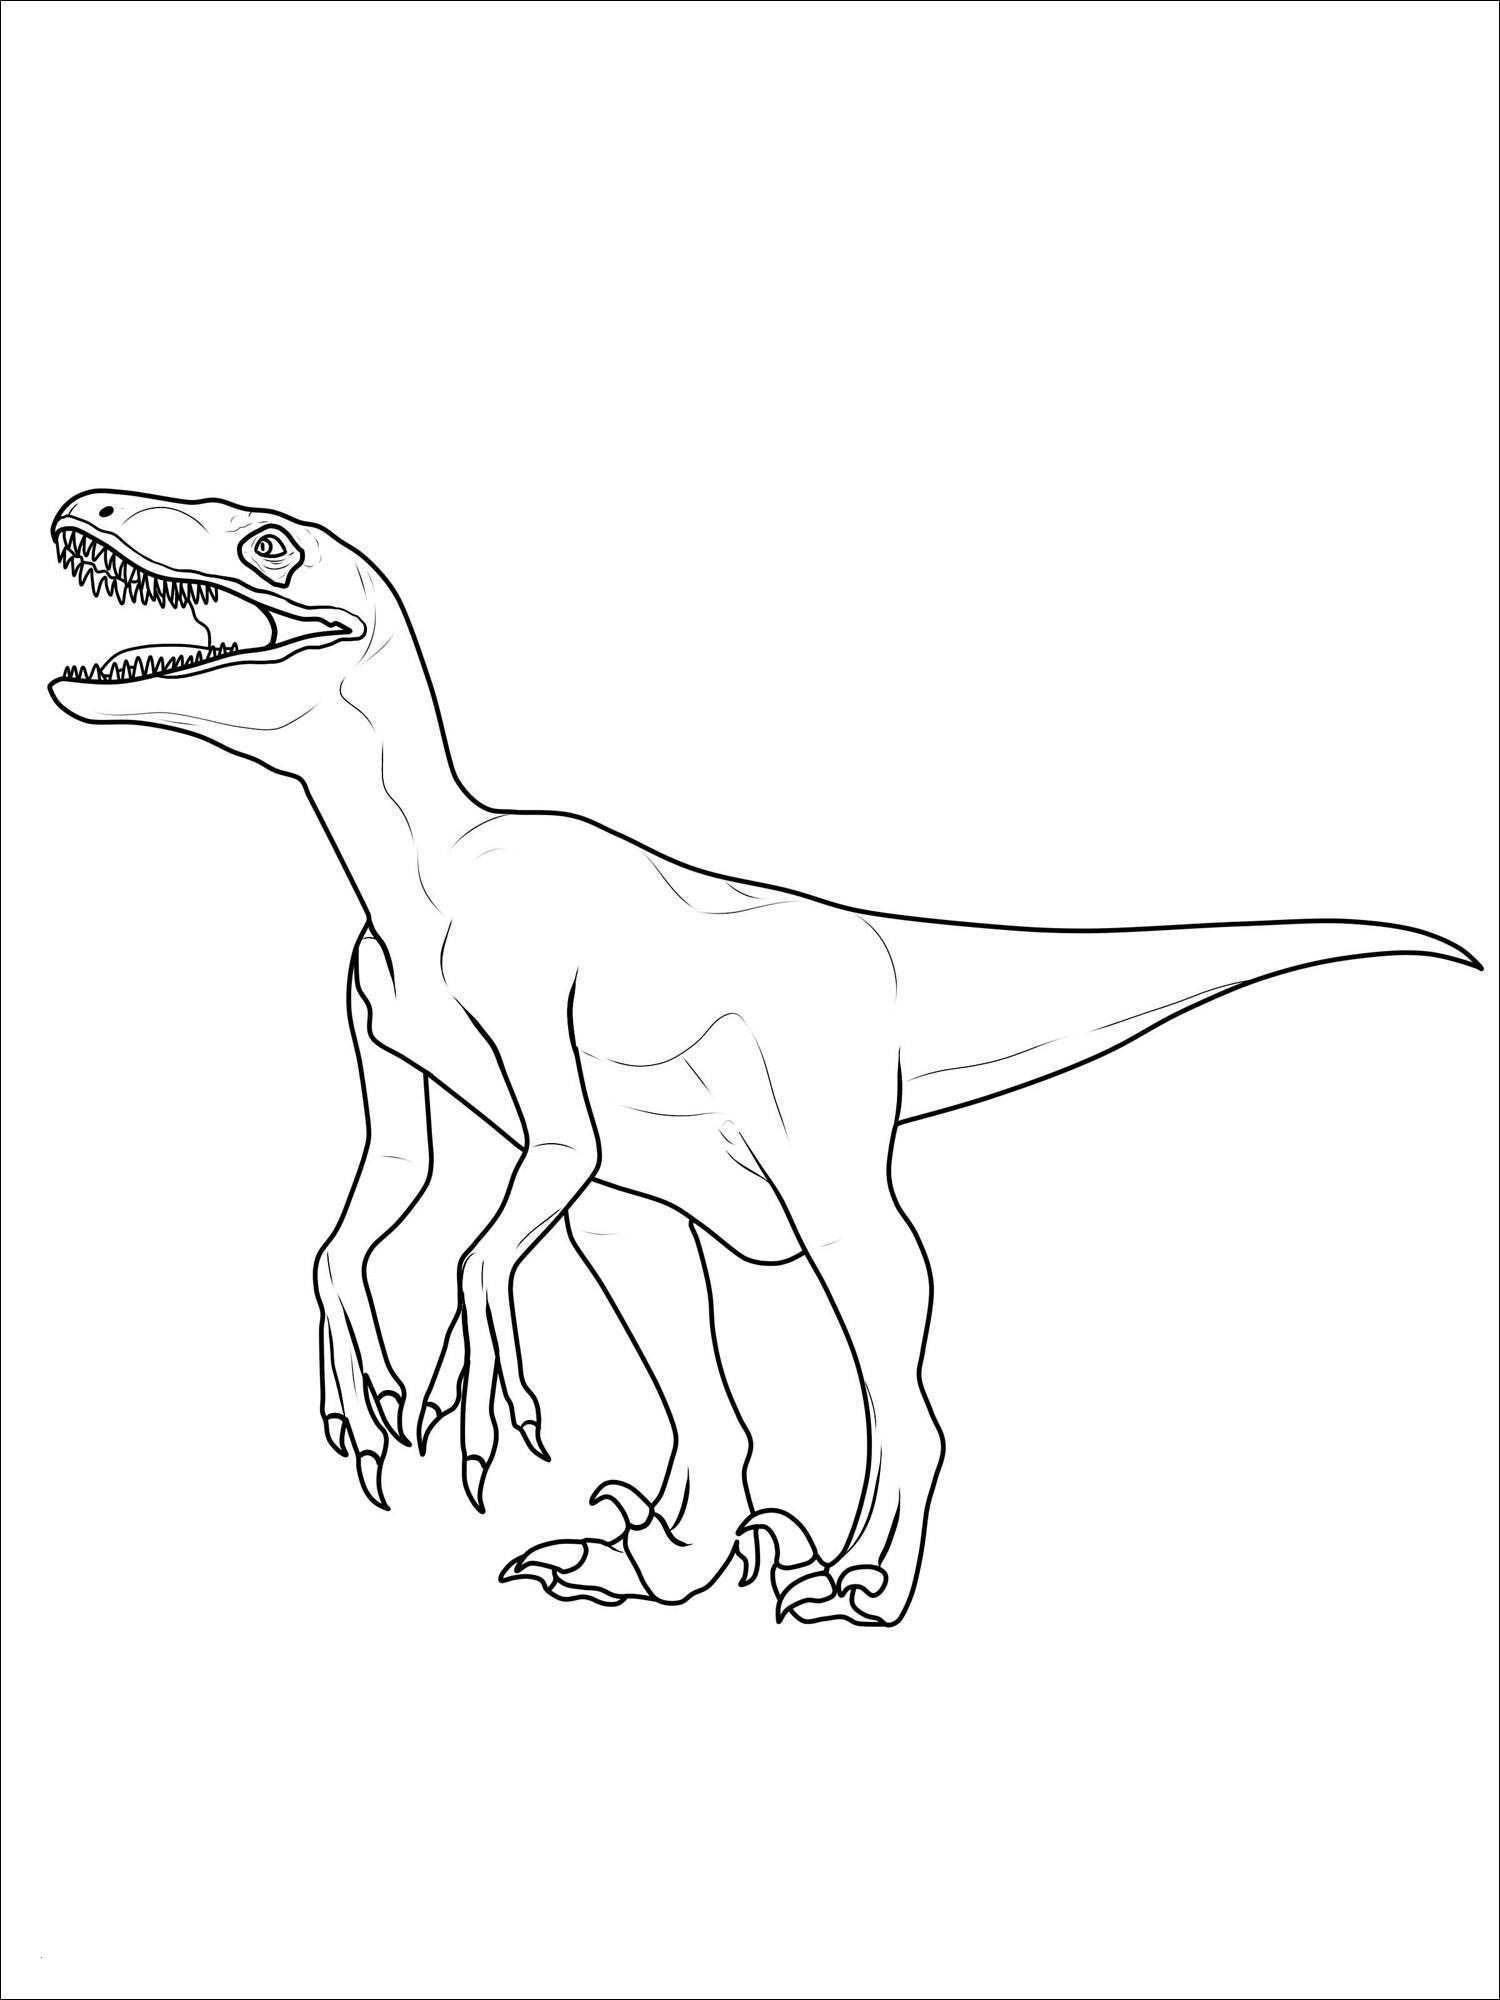 Ausmalbilder Dinosaurier Rex Neu Ausmalbilder T Rex Bildnis 40 Ausmalbilder Dinosaurier Rex Fotografieren